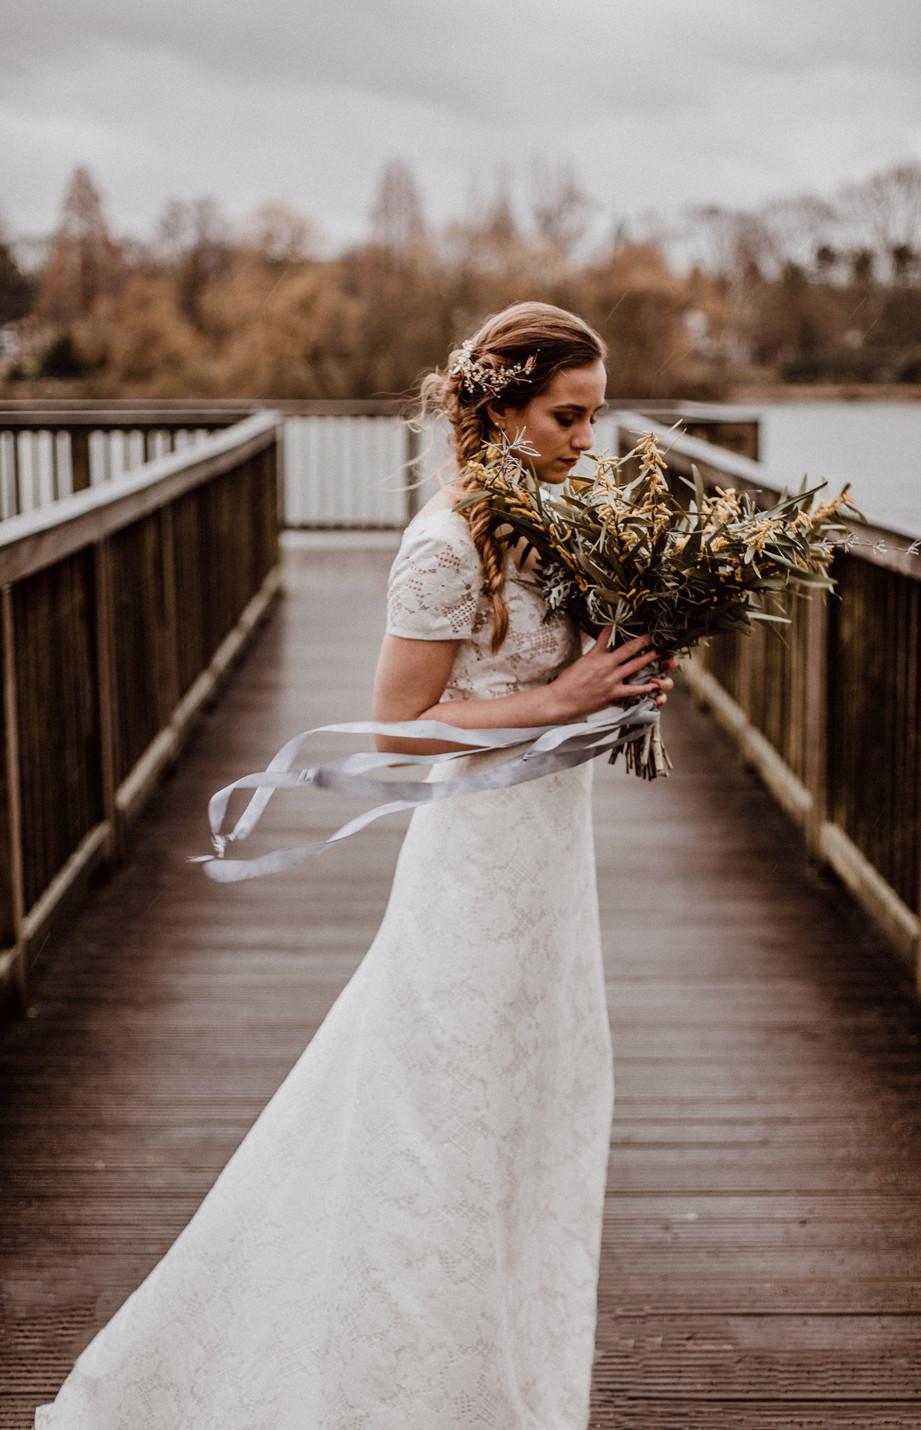 Sunny Bride - Bridalstyle Inspiration in zartem Gelb | Hochzeitsblog ...